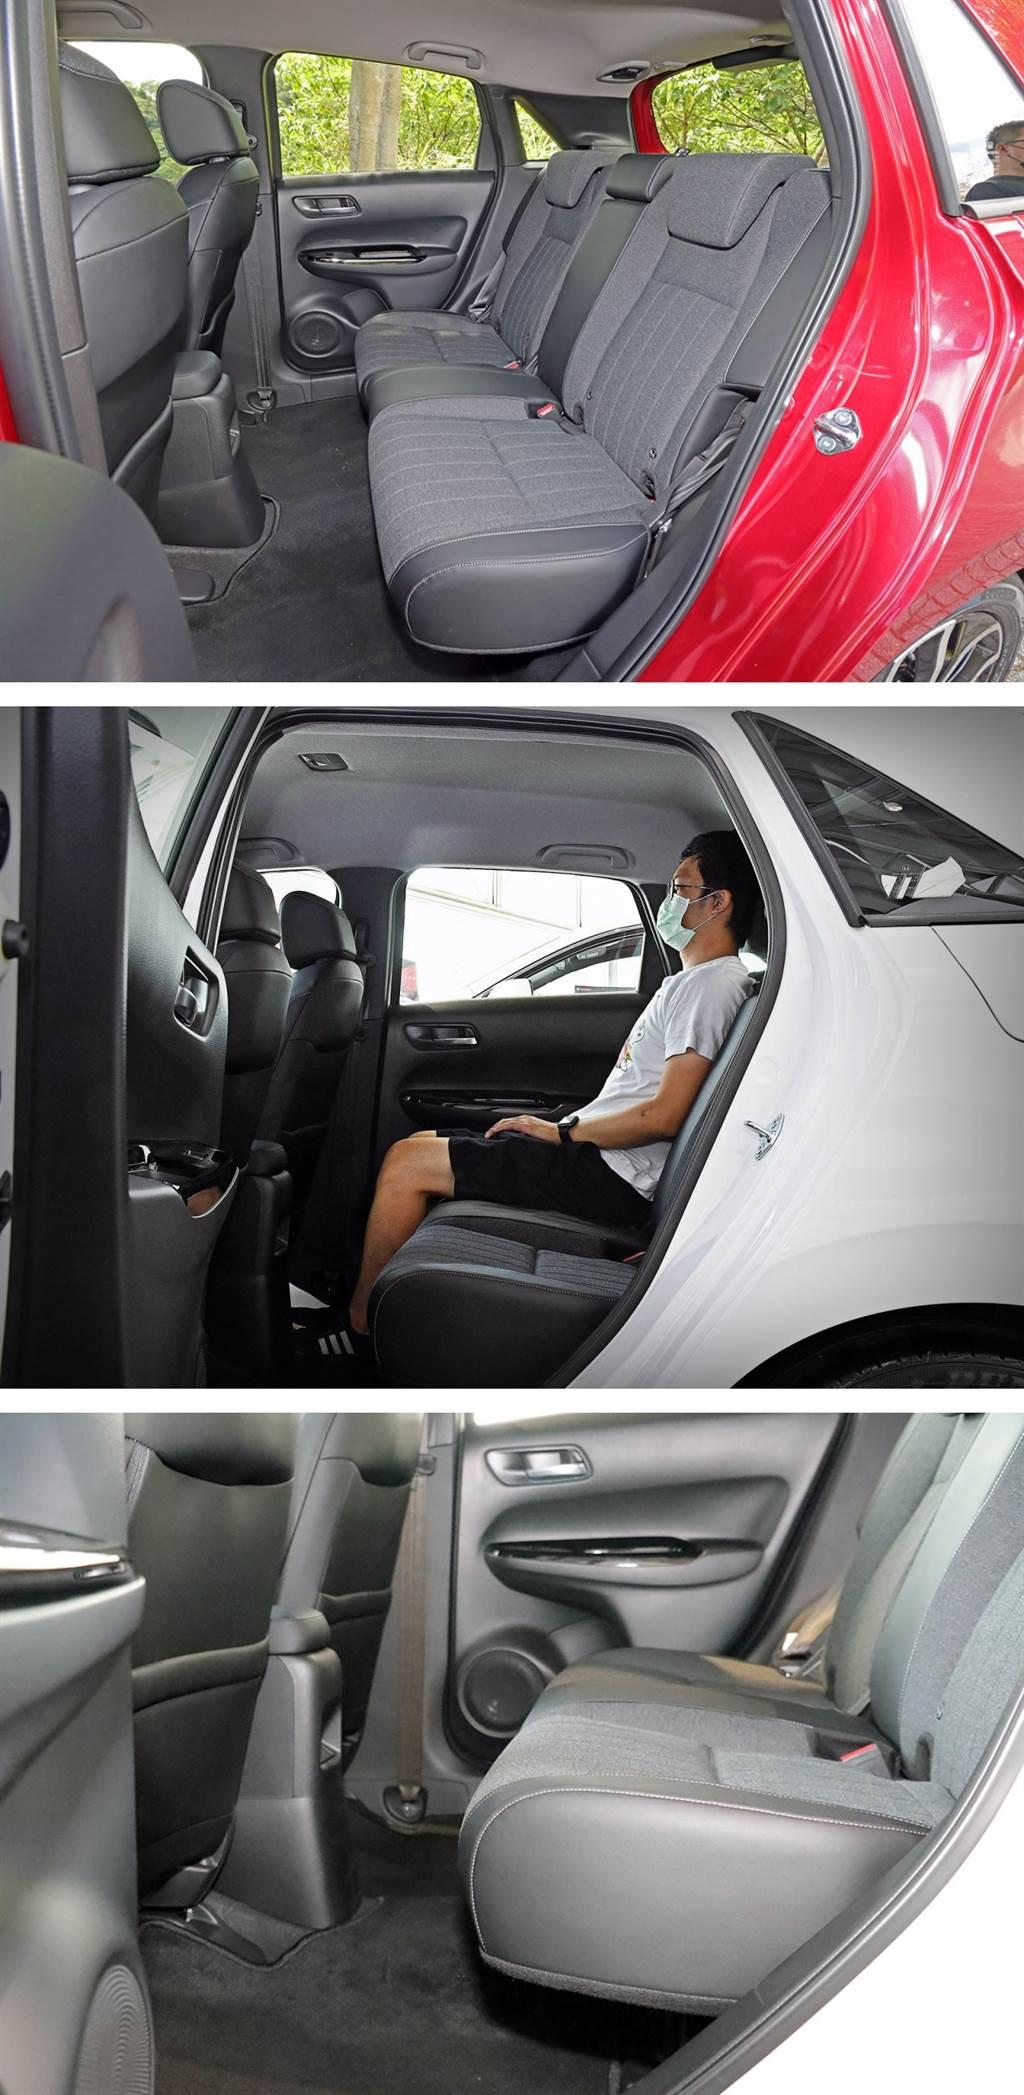 椅墊可以看得出來比現行車款的來得突出許多。(圖/CarStuff)